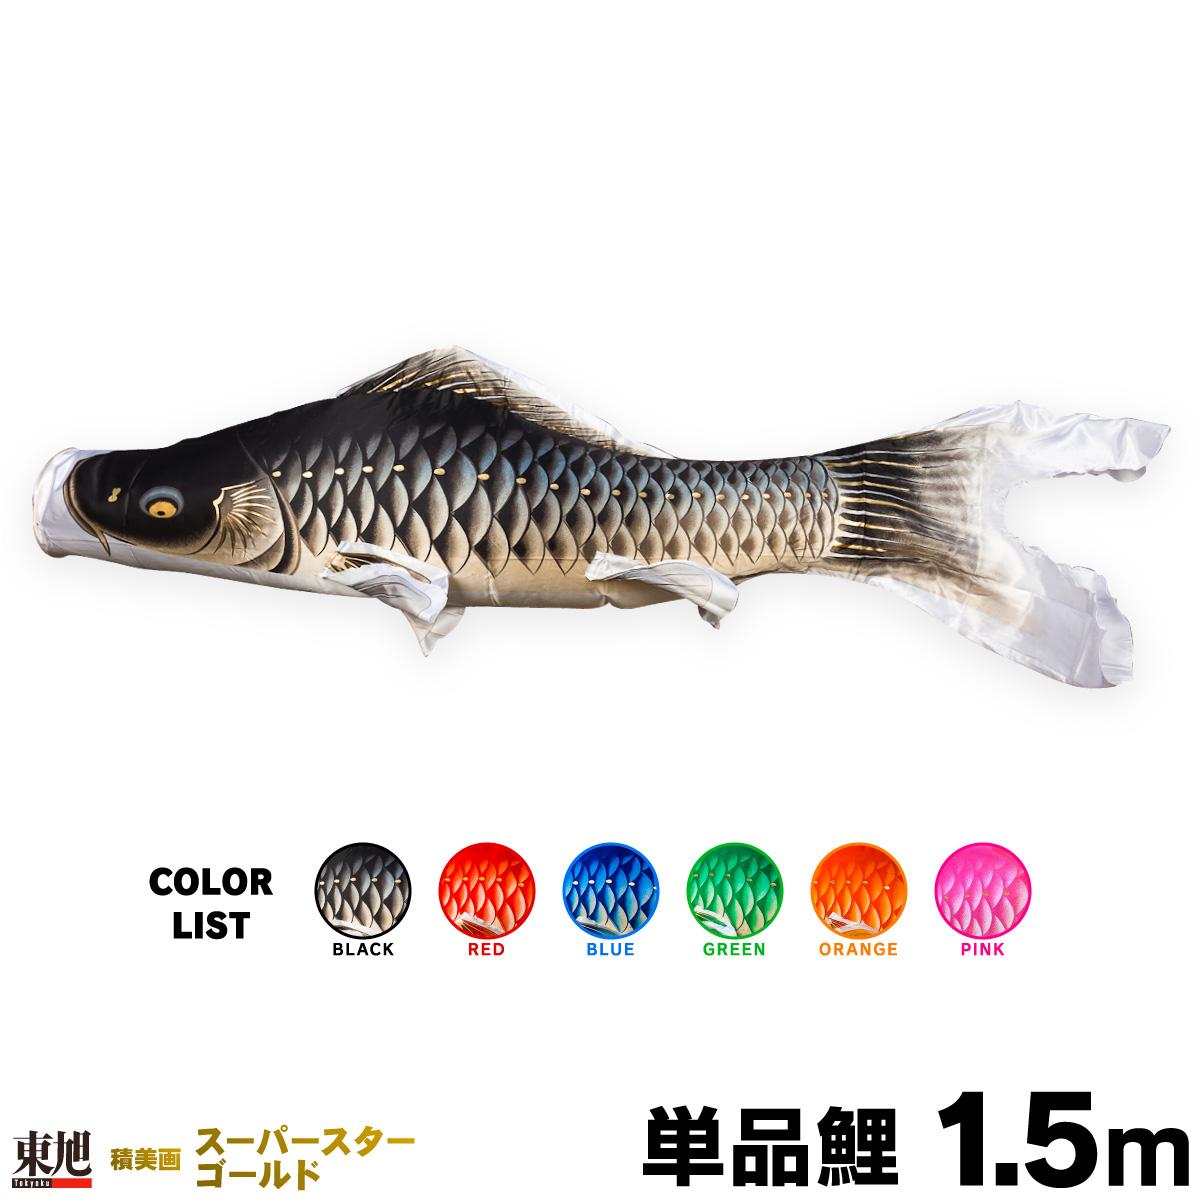 【こいのぼり 単品】 積美画スーパースターゴールド 1.5m 単品鯉